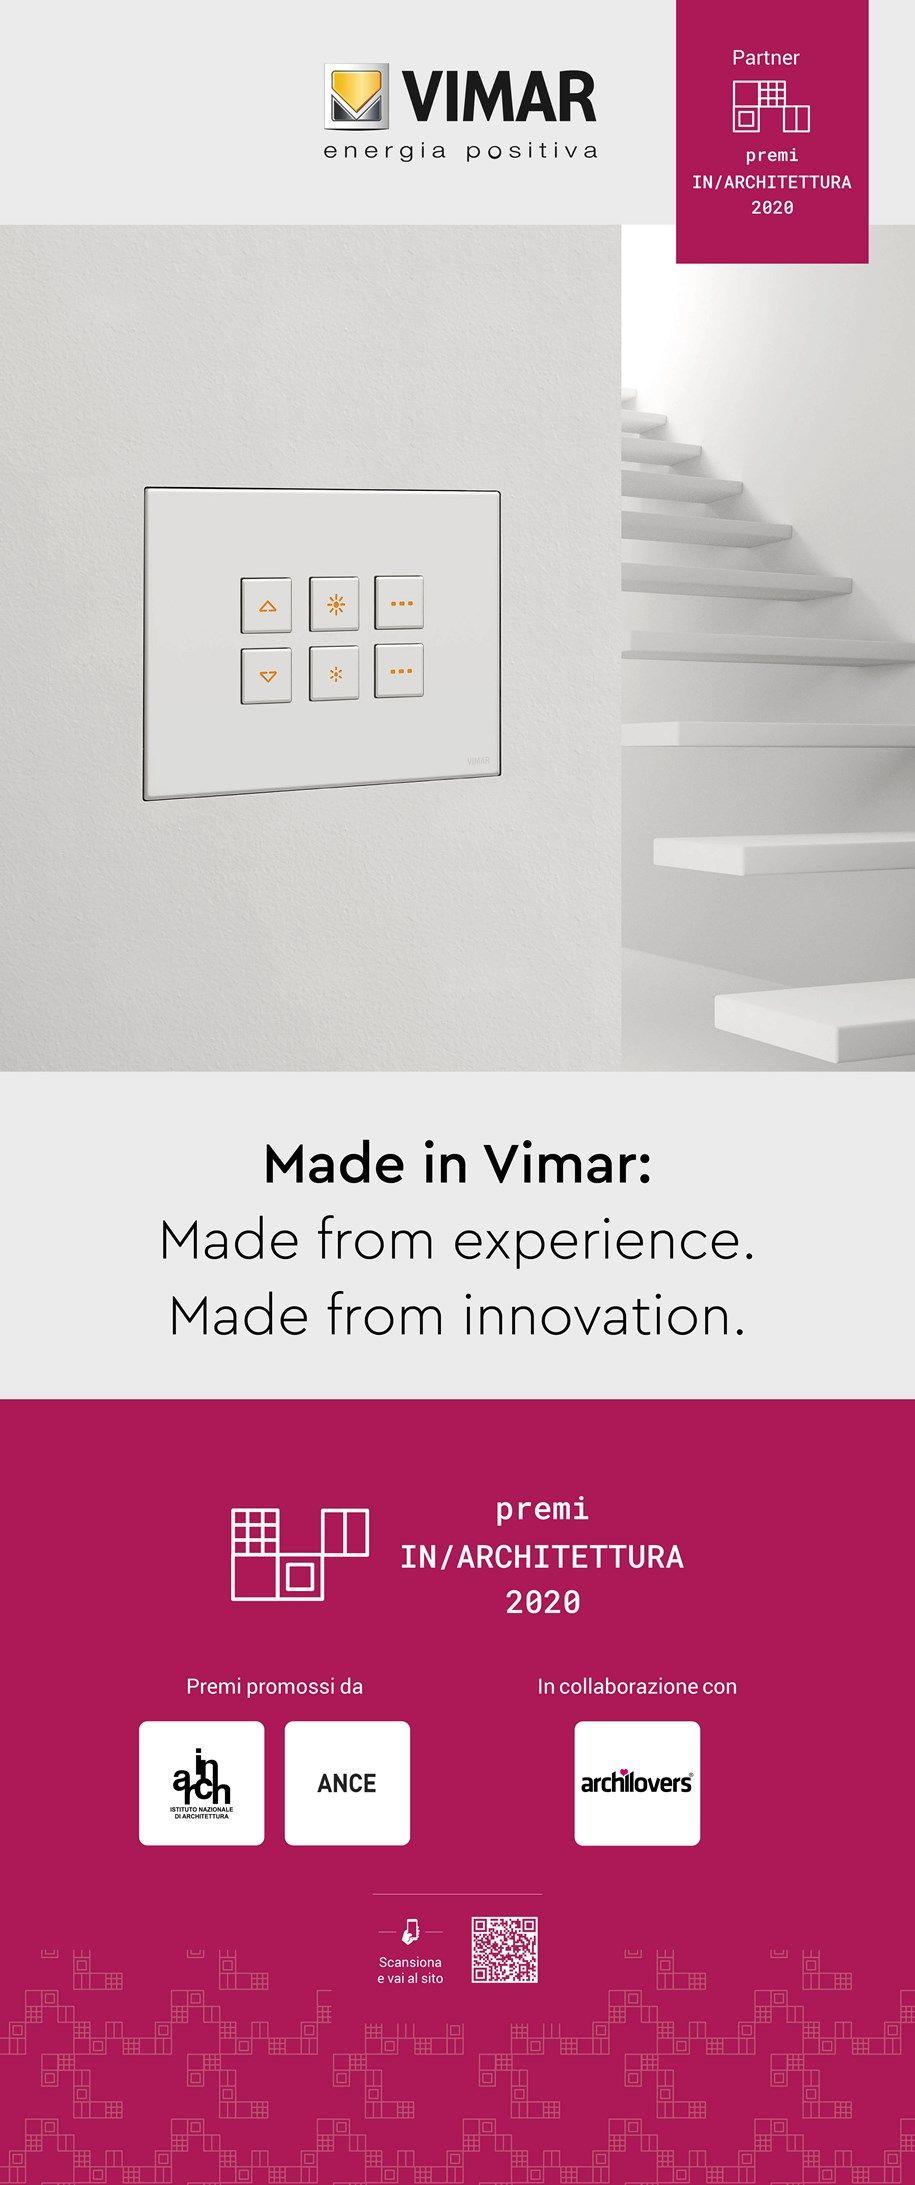 Il premio speciale Vimar In/Arch 2020